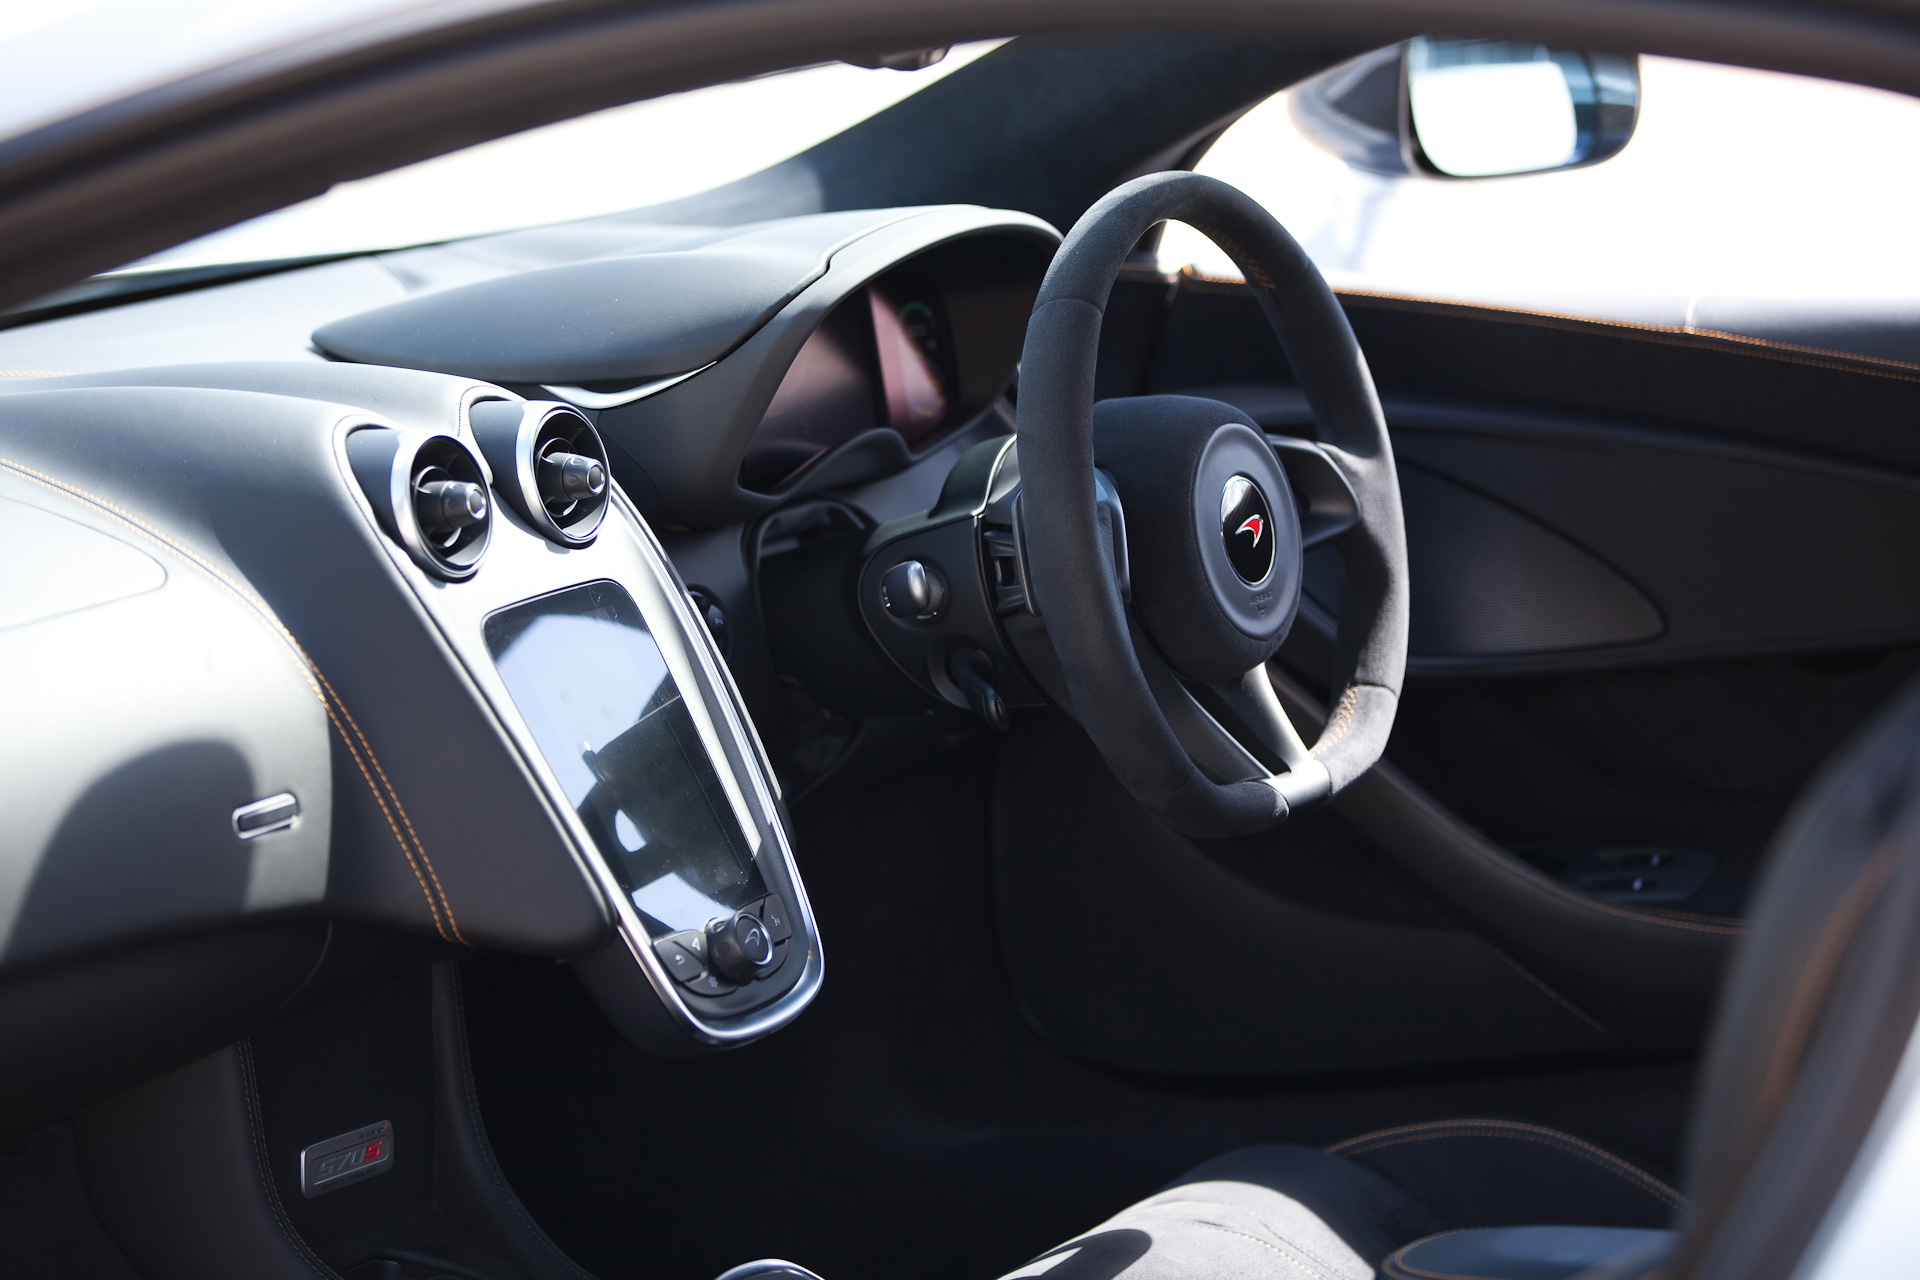 mclaren-570s-interior